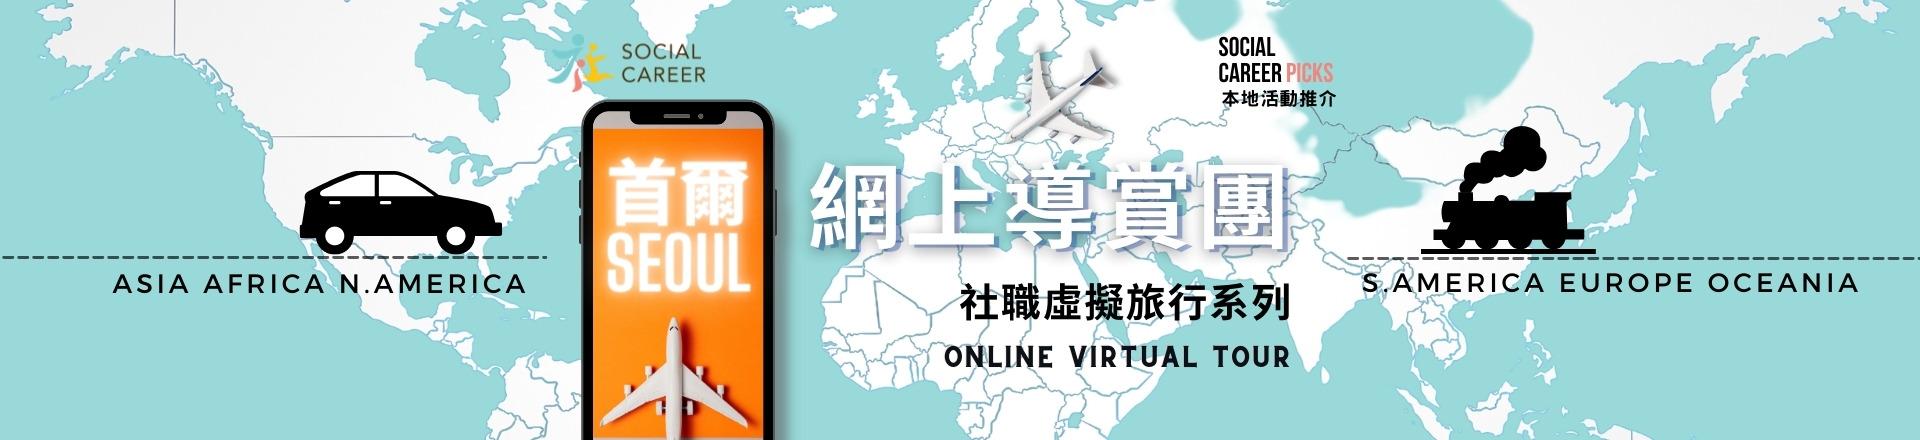 遙距遊首爾 網上虛擬導賞團